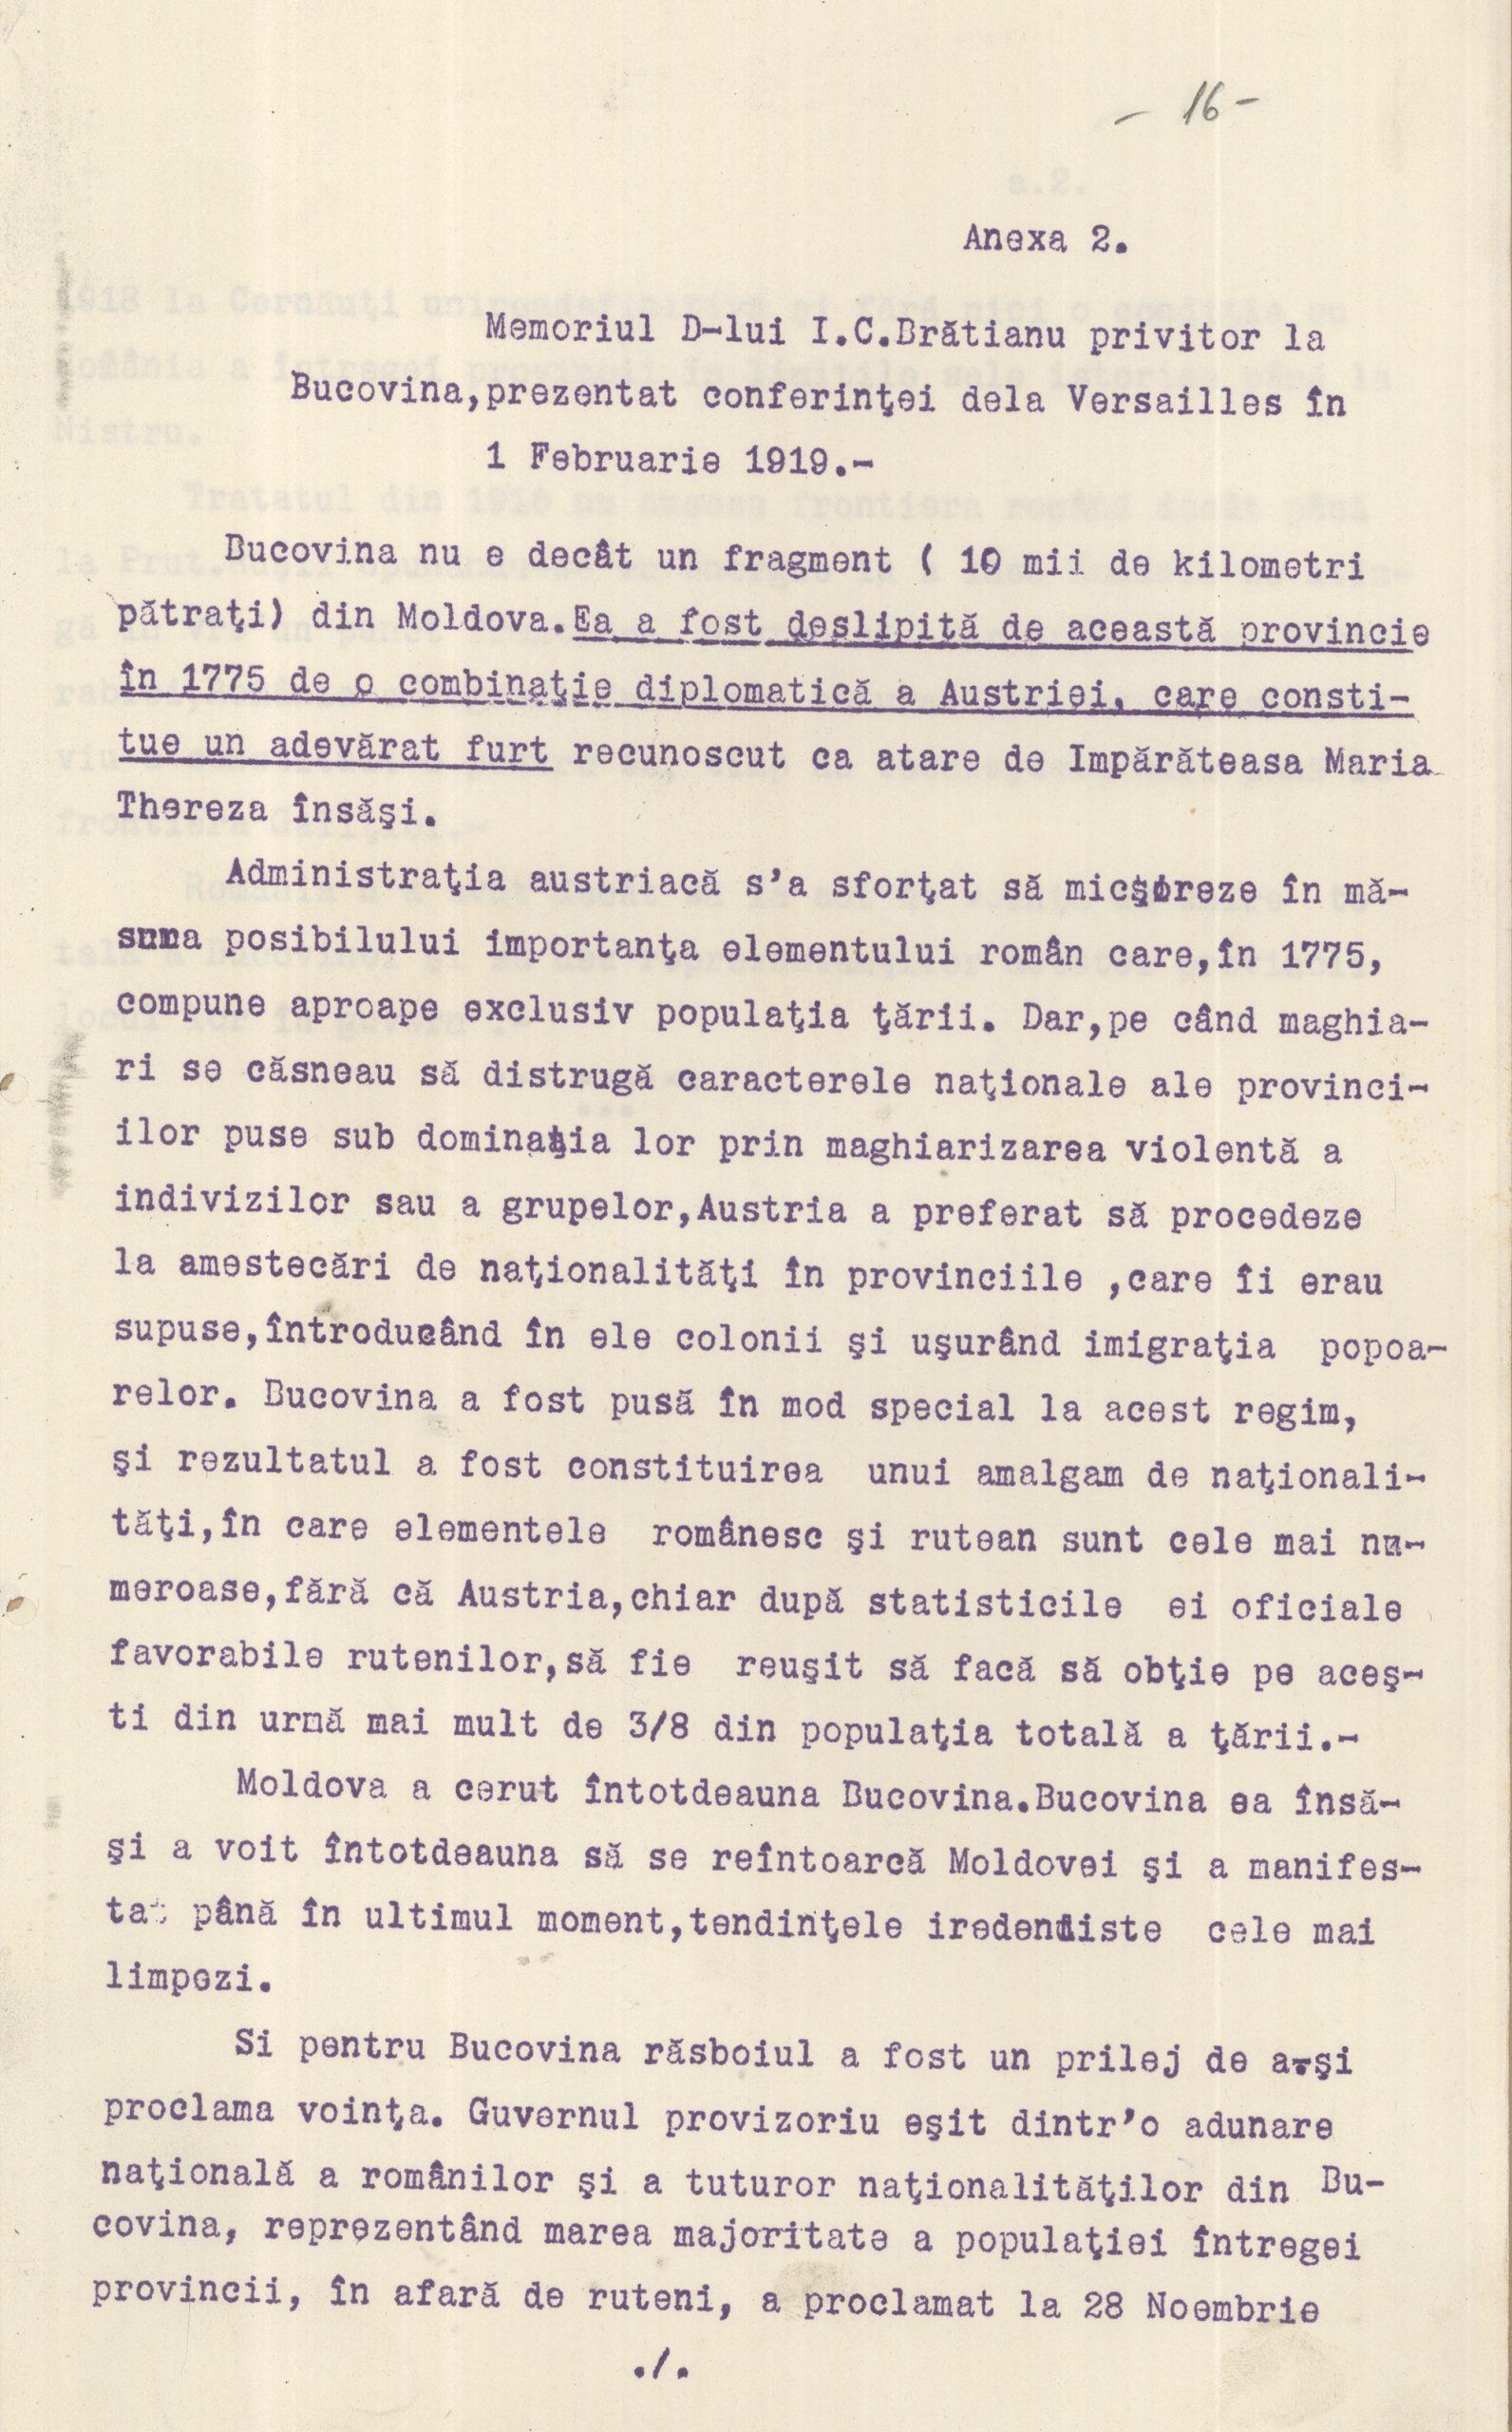 Memoriu Brătianua